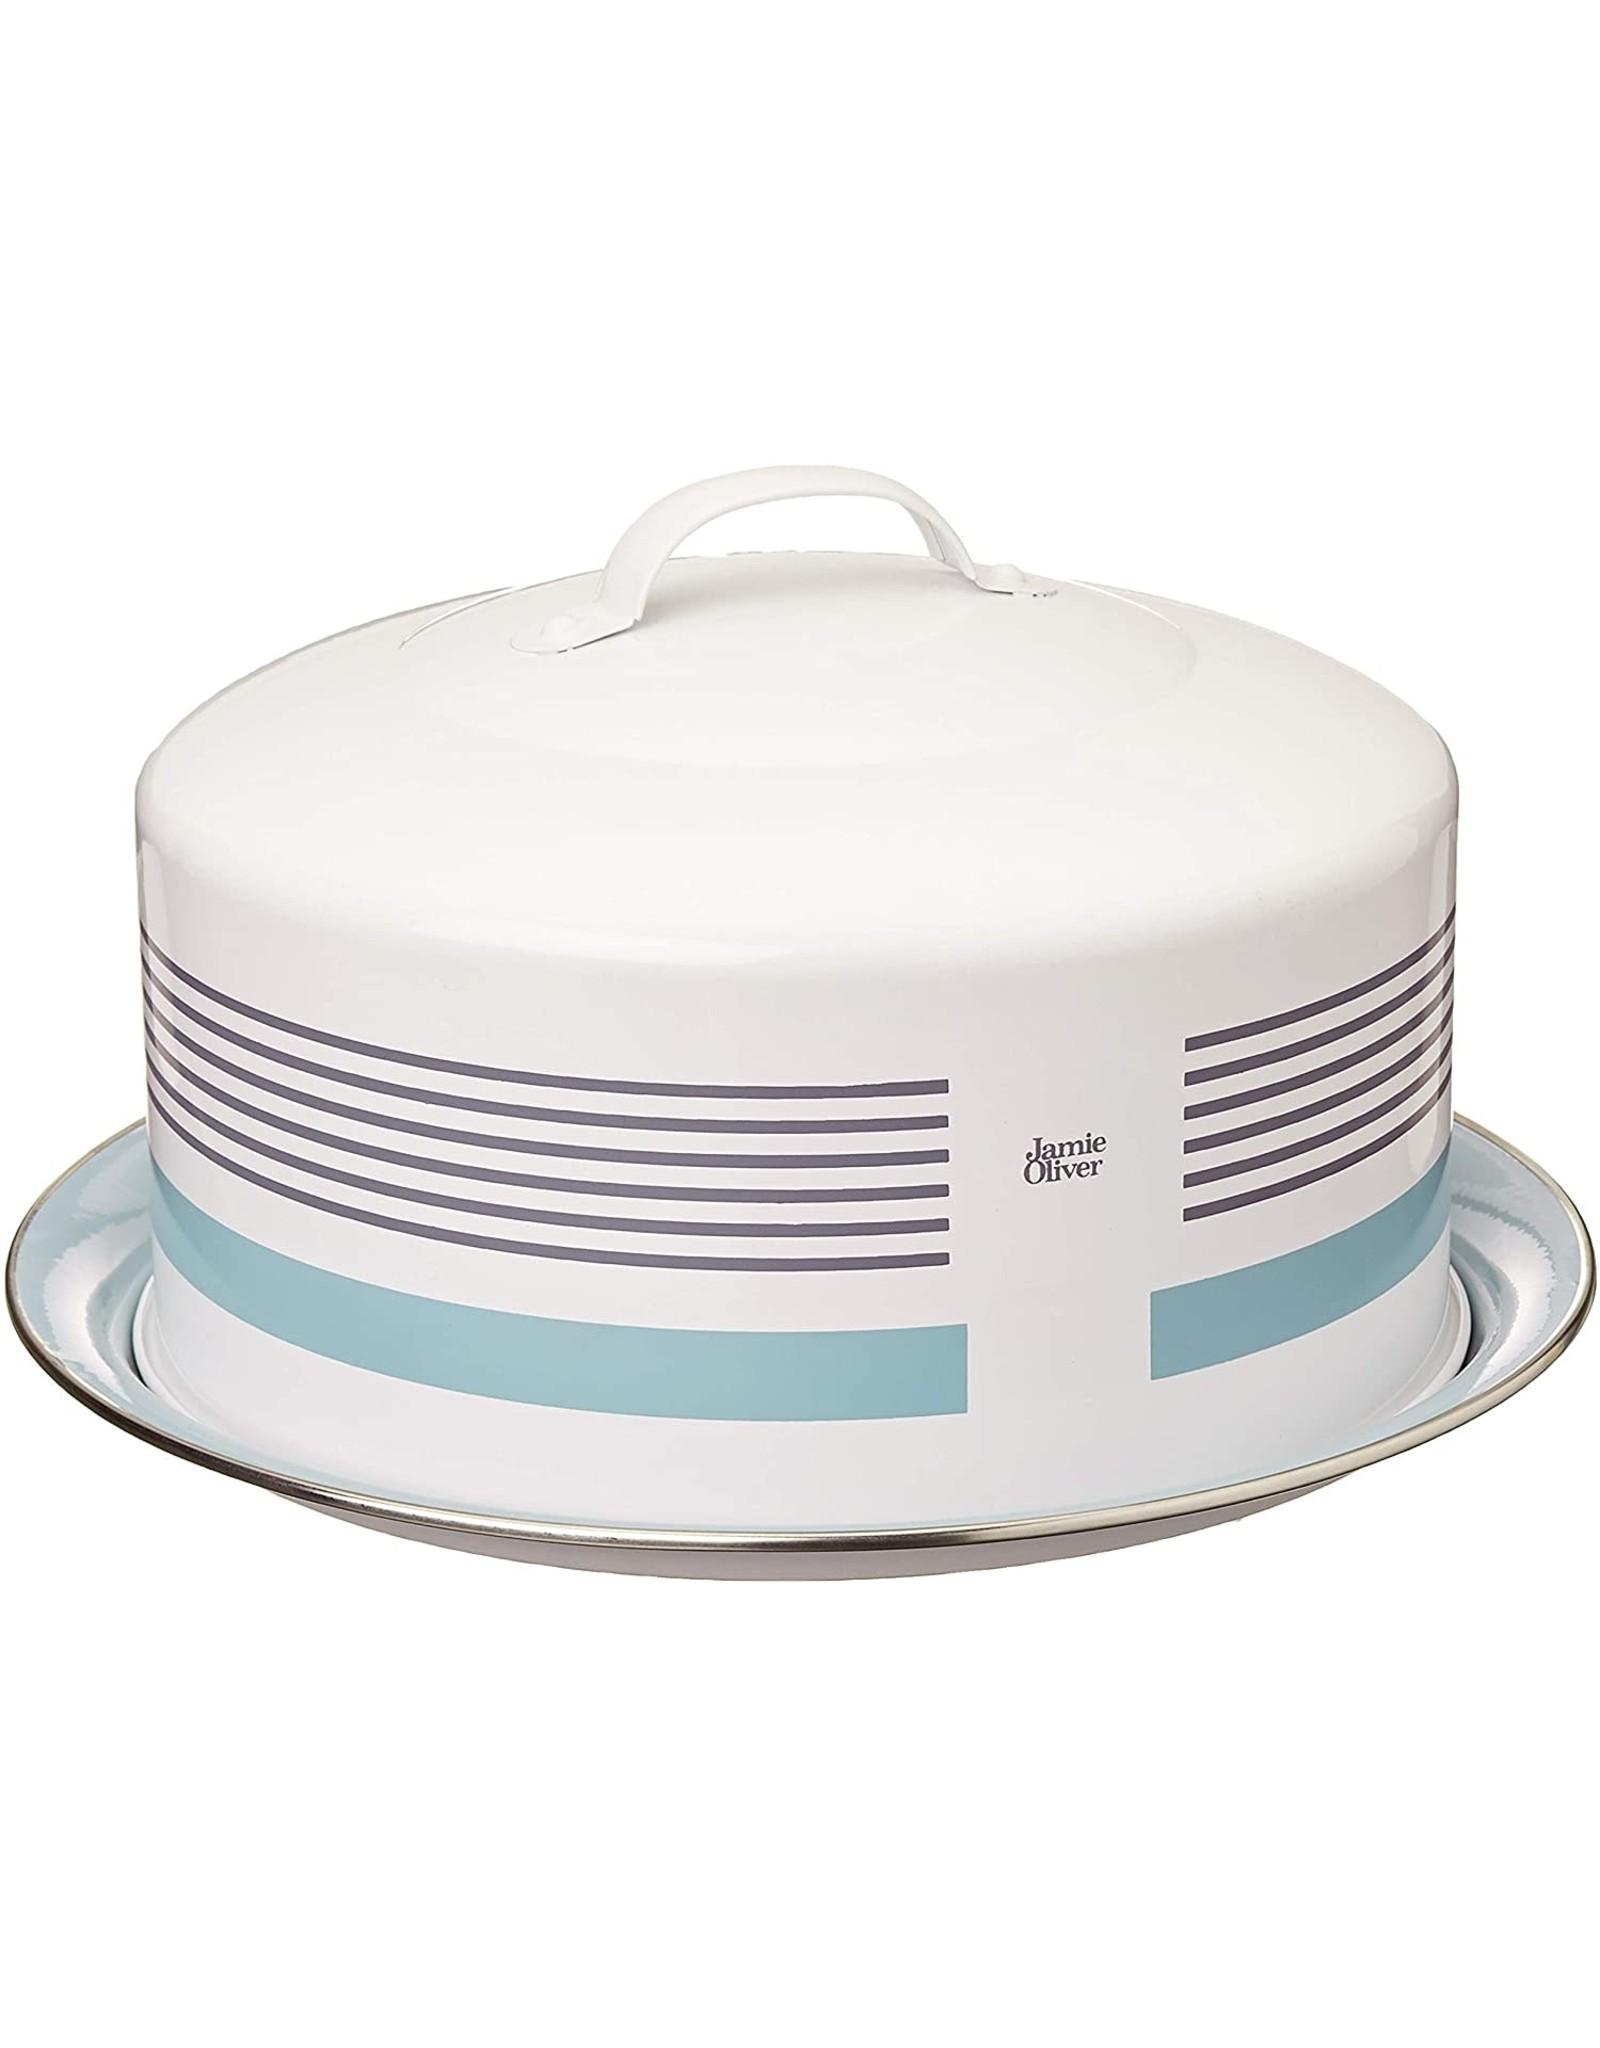 Zyliss Jamie Oliver Big Old Cake Tin